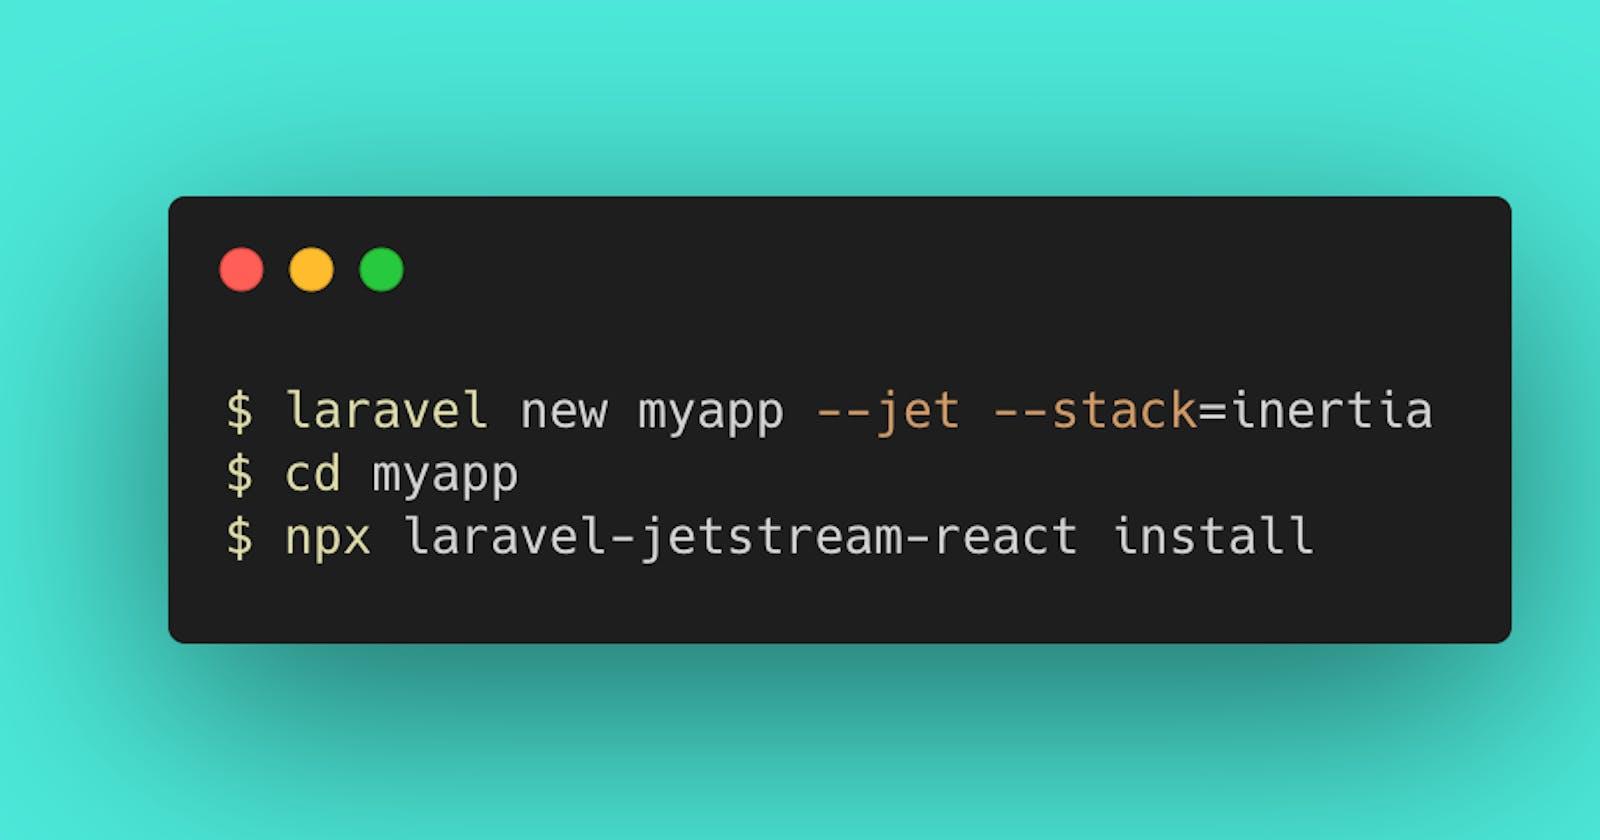 Using React with Laravel Jetstream